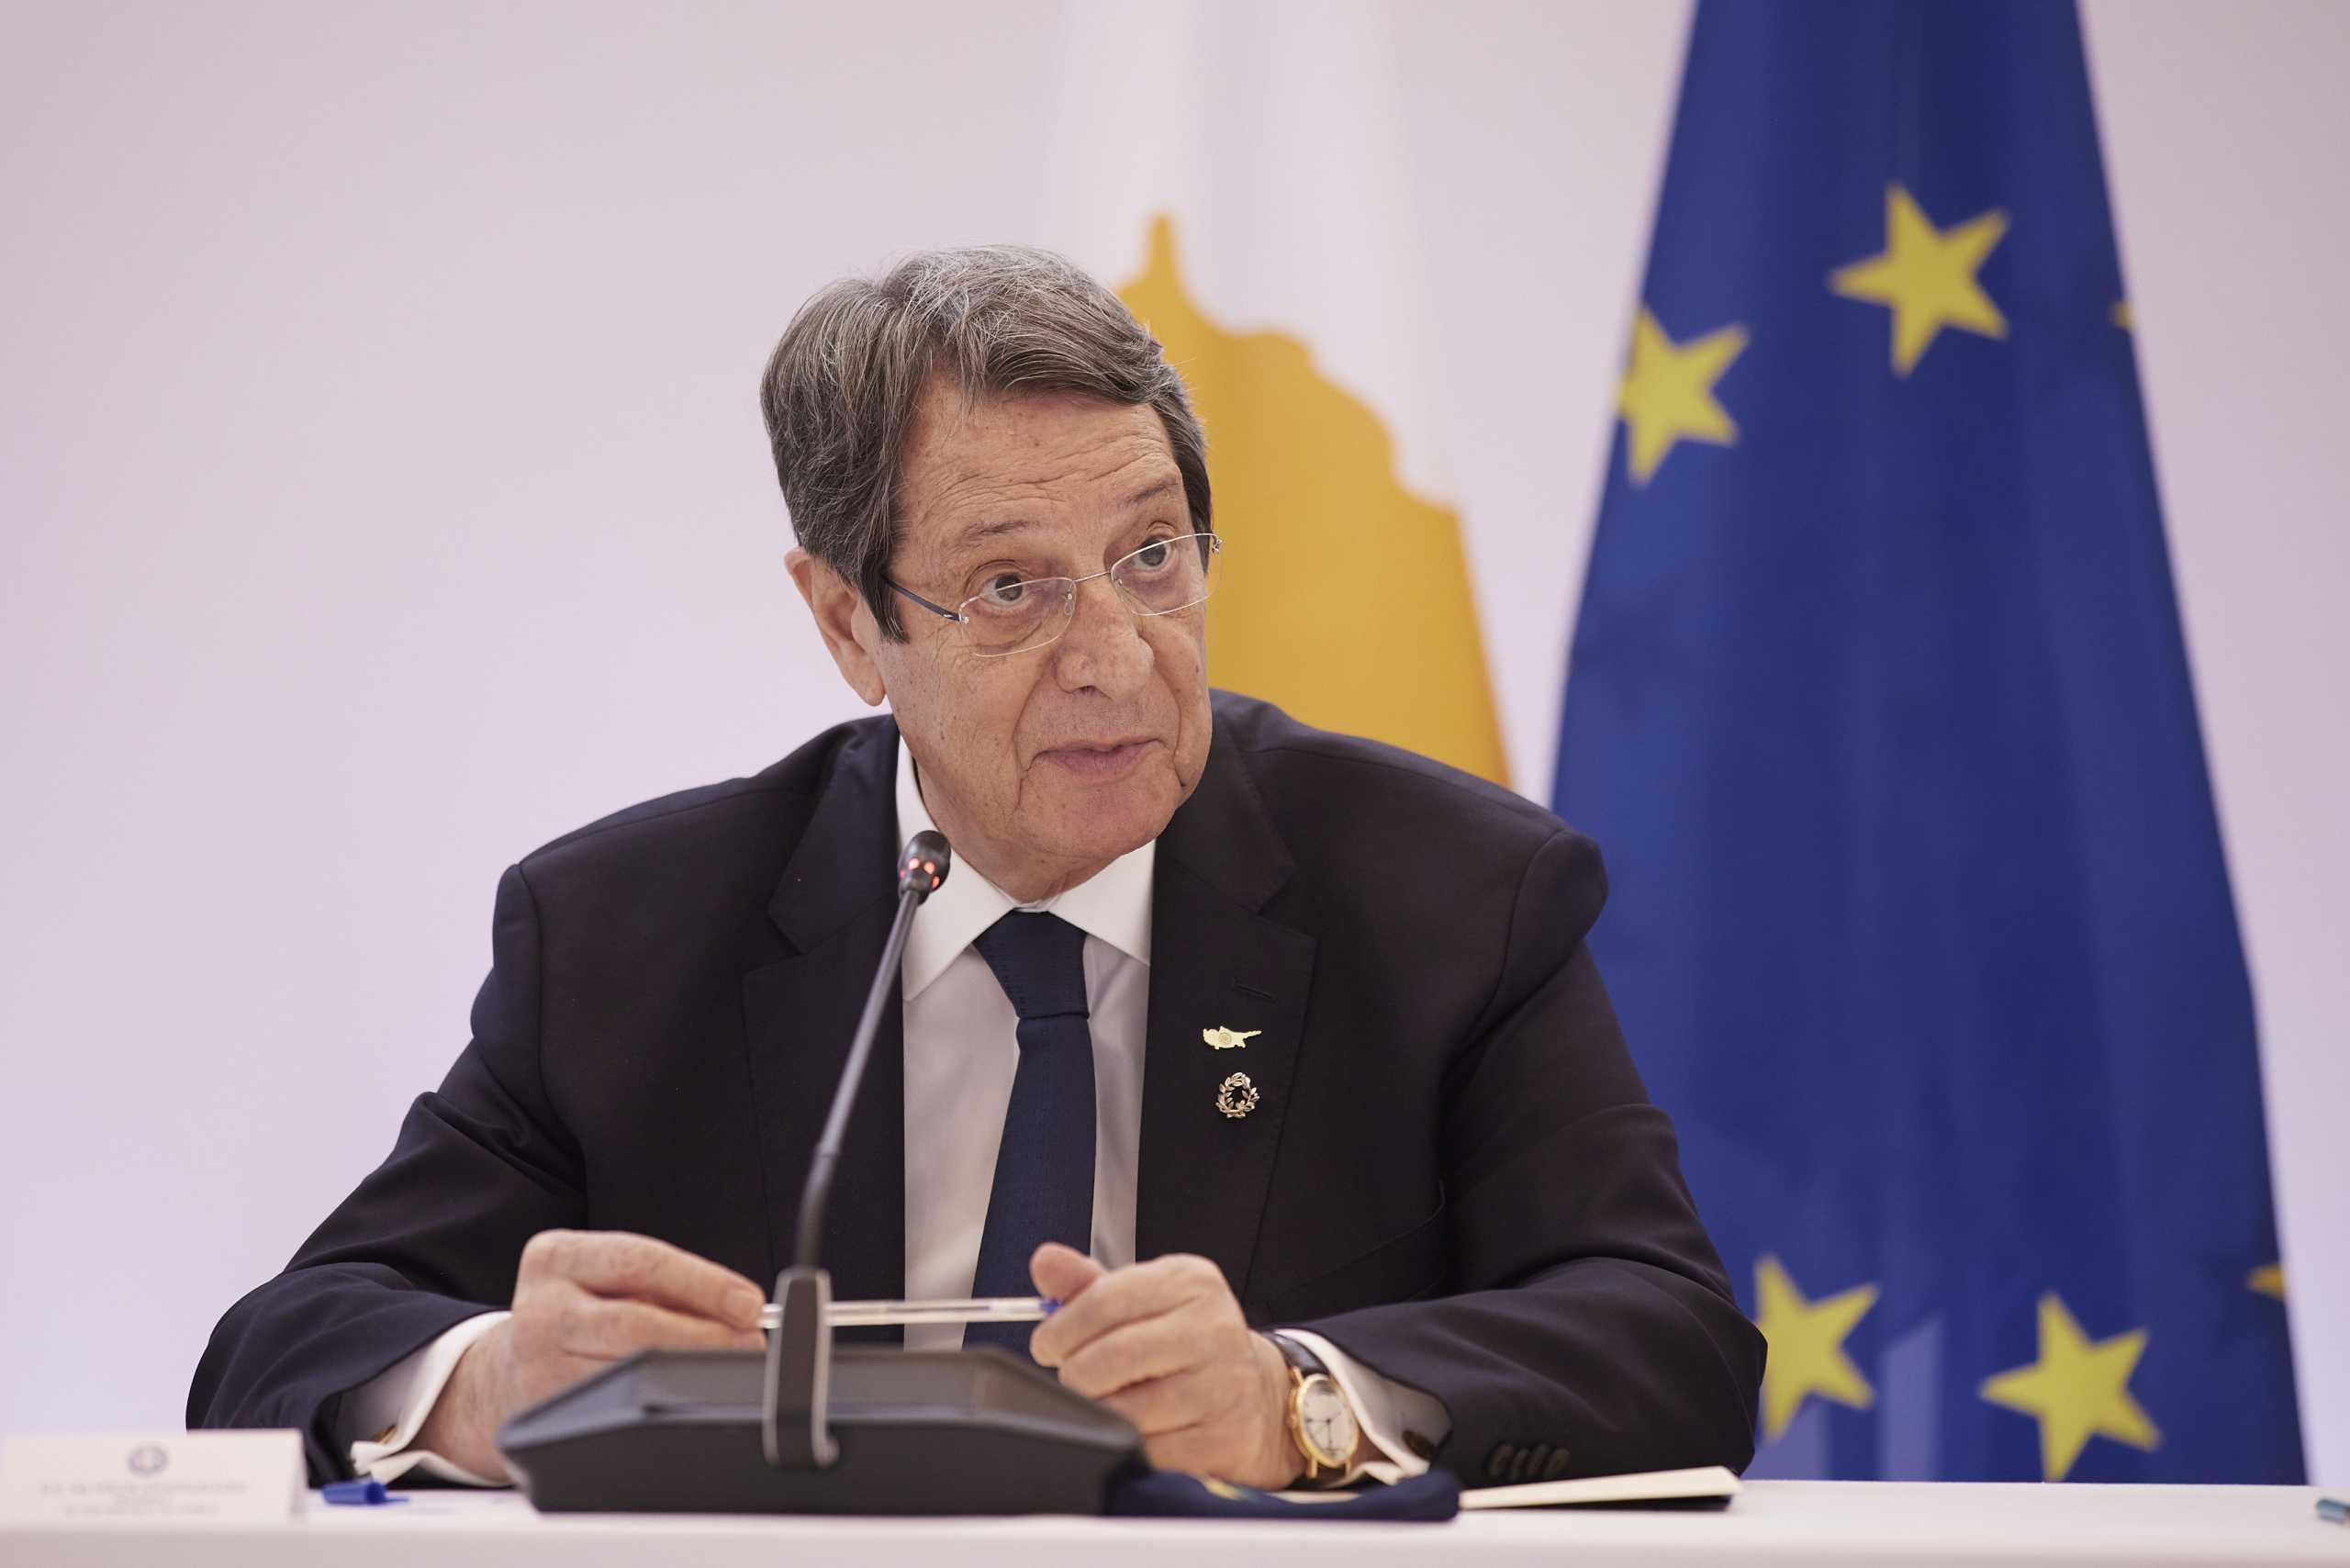 Αναστασιάδης: Η «κόντρα» για το Κυπριακό, το σχέδιο Ανάν και η «κριτική» στην Ελλάδα